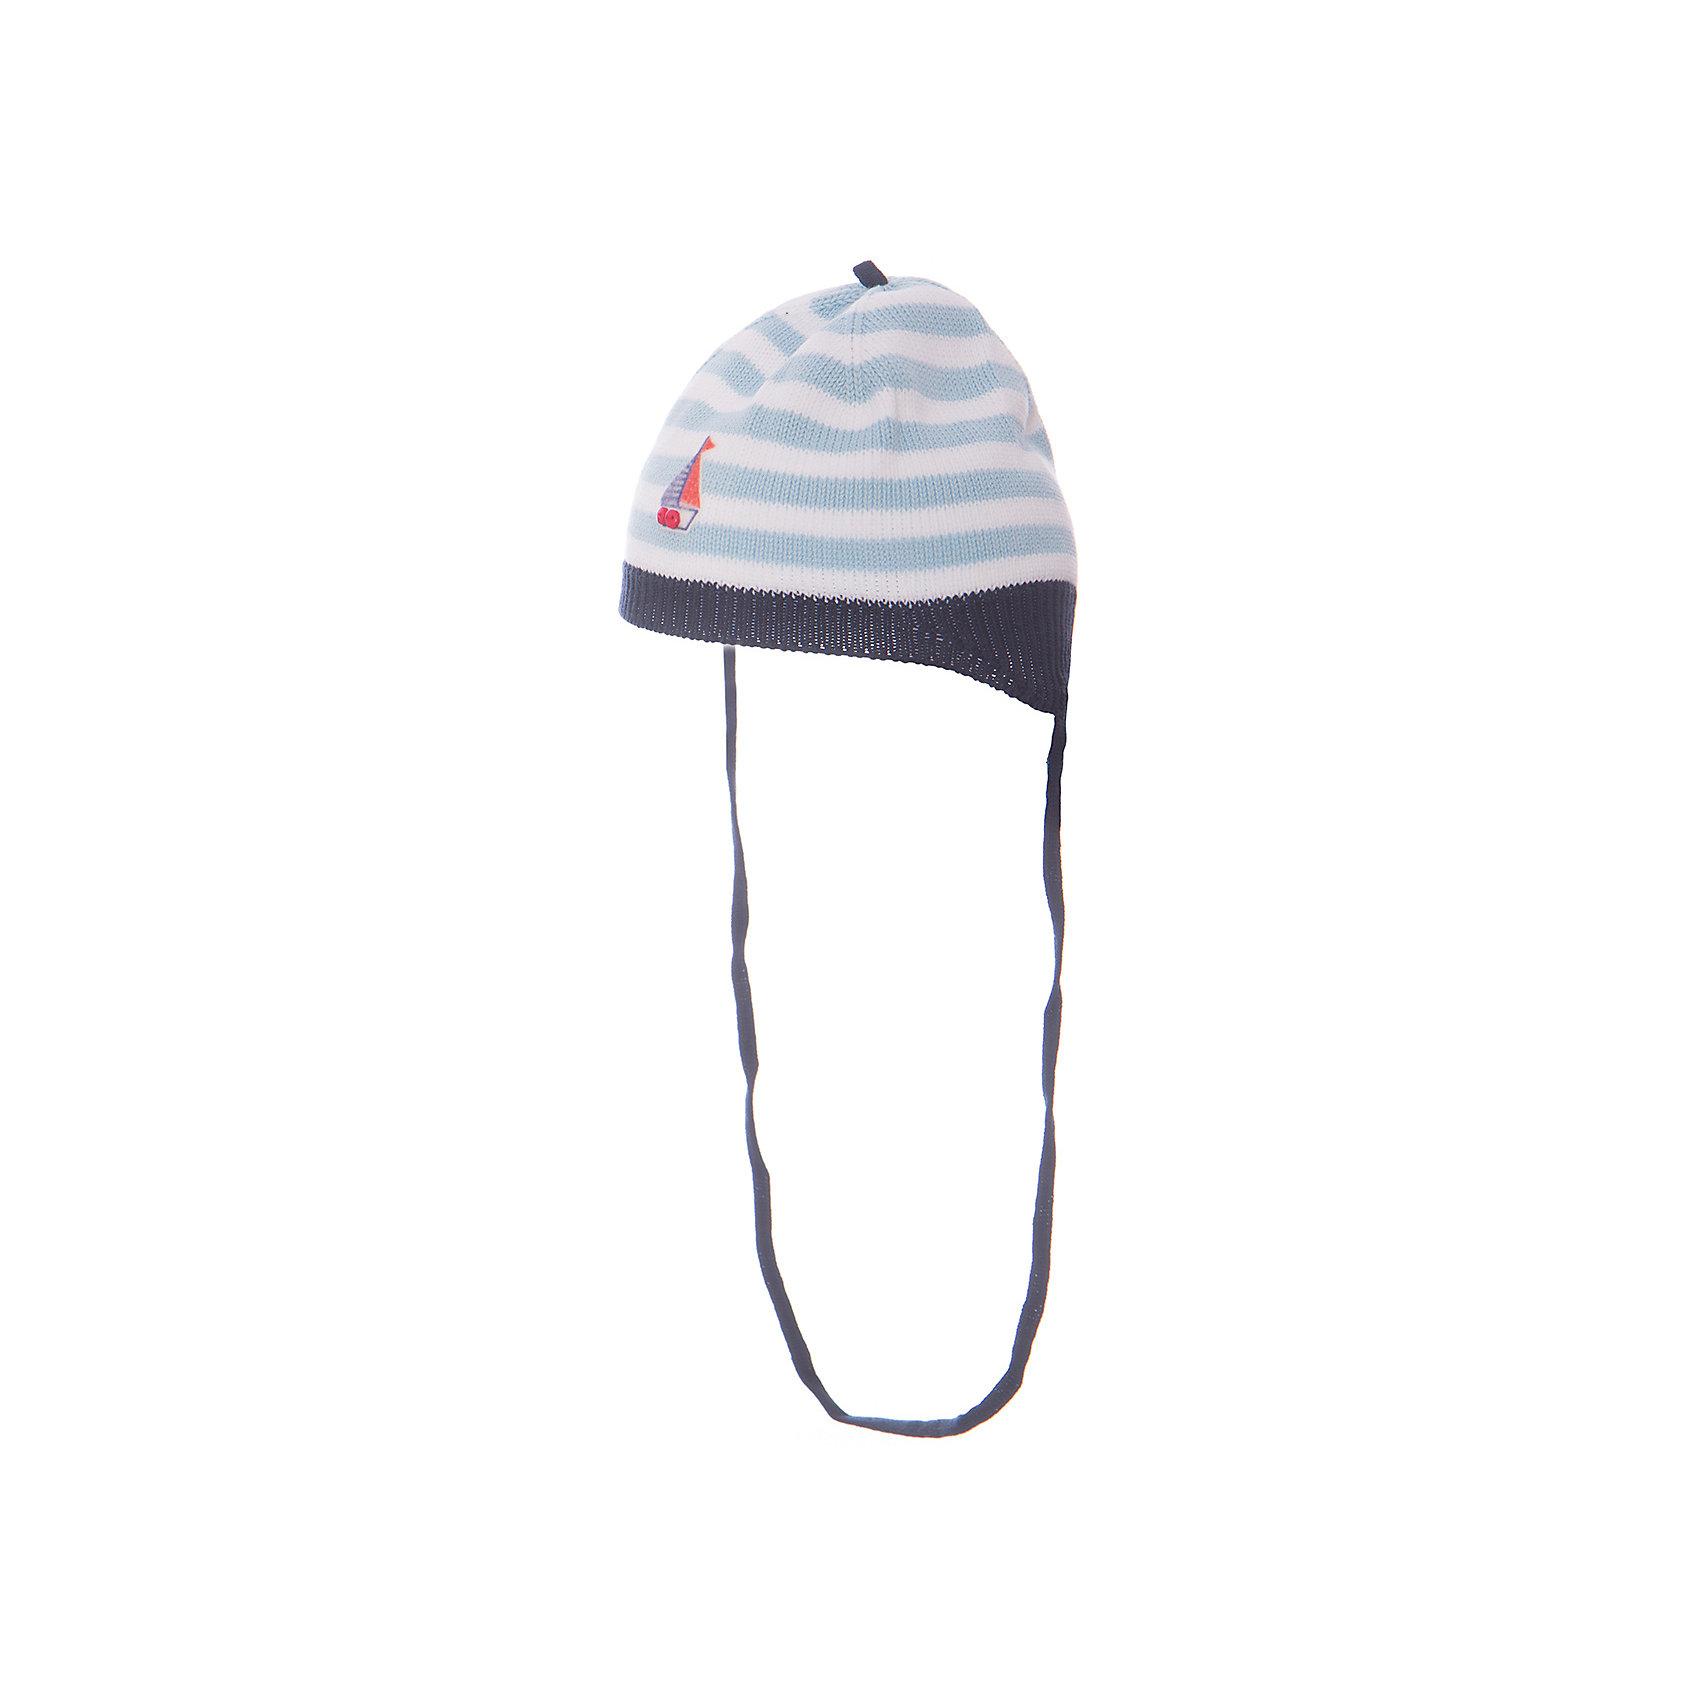 Шапка для мальчика АртельШапочки<br>Шапка для мальчика от торговой марки Артель <br><br>Модная шапка отлично смотрится на детях и комфортно сидит. Изделие выполнено из качественных материалов, вязка плотная. Натуральный хлопок обеспечит износостойкость и удобство. Отличный вариант для переменной погоды межсезонья! <br>Одежда от бренда Артель – это высокое качество по приемлемой цене и всегда продуманный дизайн. <br><br>Особенности модели: <br>- цвет - синий; <br>- есть завязки; <br>- украшена аппликацией; <br>- натуральный хлопок. <br><br>Дополнительная информация: <br><br>Состав: 100% хлопок.<br><br><br>Температурный режим: <br>От -5 °C до +10 °C <br><br>Шапку для мальчика Артель (Artel) можно купить в нашем магазине.<br><br>Ширина мм: 89<br>Глубина мм: 117<br>Высота мм: 44<br>Вес г: 155<br>Цвет: синий<br>Возраст от месяцев: 4<br>Возраст до месяцев: 6<br>Пол: Мужской<br>Возраст: Детский<br>Размер: 44,36,40,38,42<br>SKU: 4500465